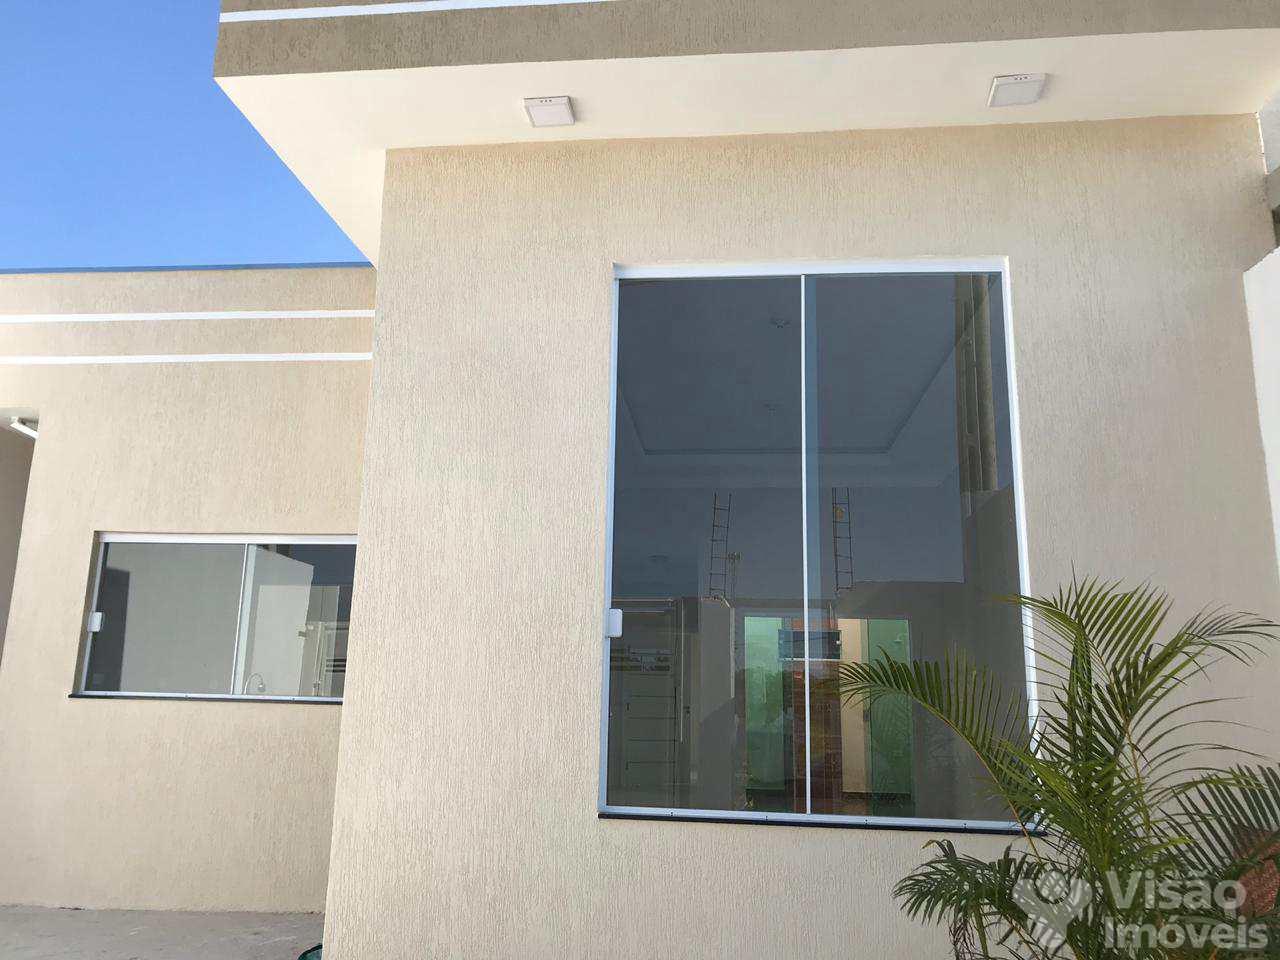 Casa com 2 dorms, Loteamento Residencial e Comercial Flamboyant, Pindamonhangaba - R$ 275 mil, Cod: 1920105